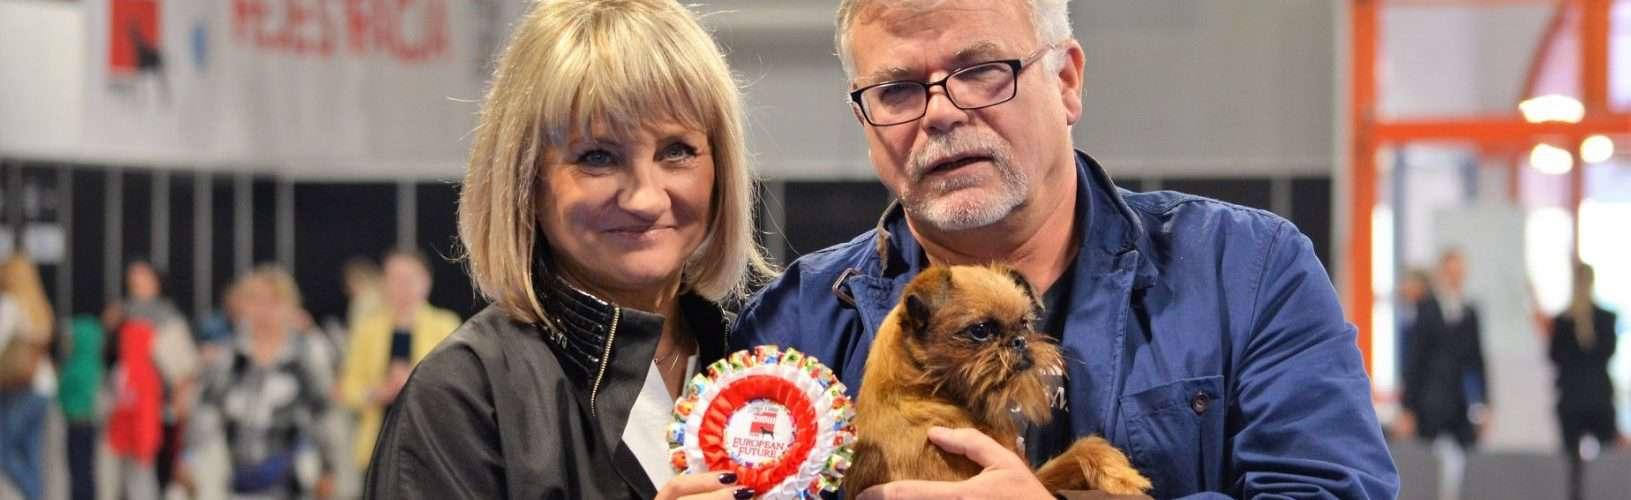 Gryfonik brukselski Hanka CACIB EURO DOG SHOW Warszawa